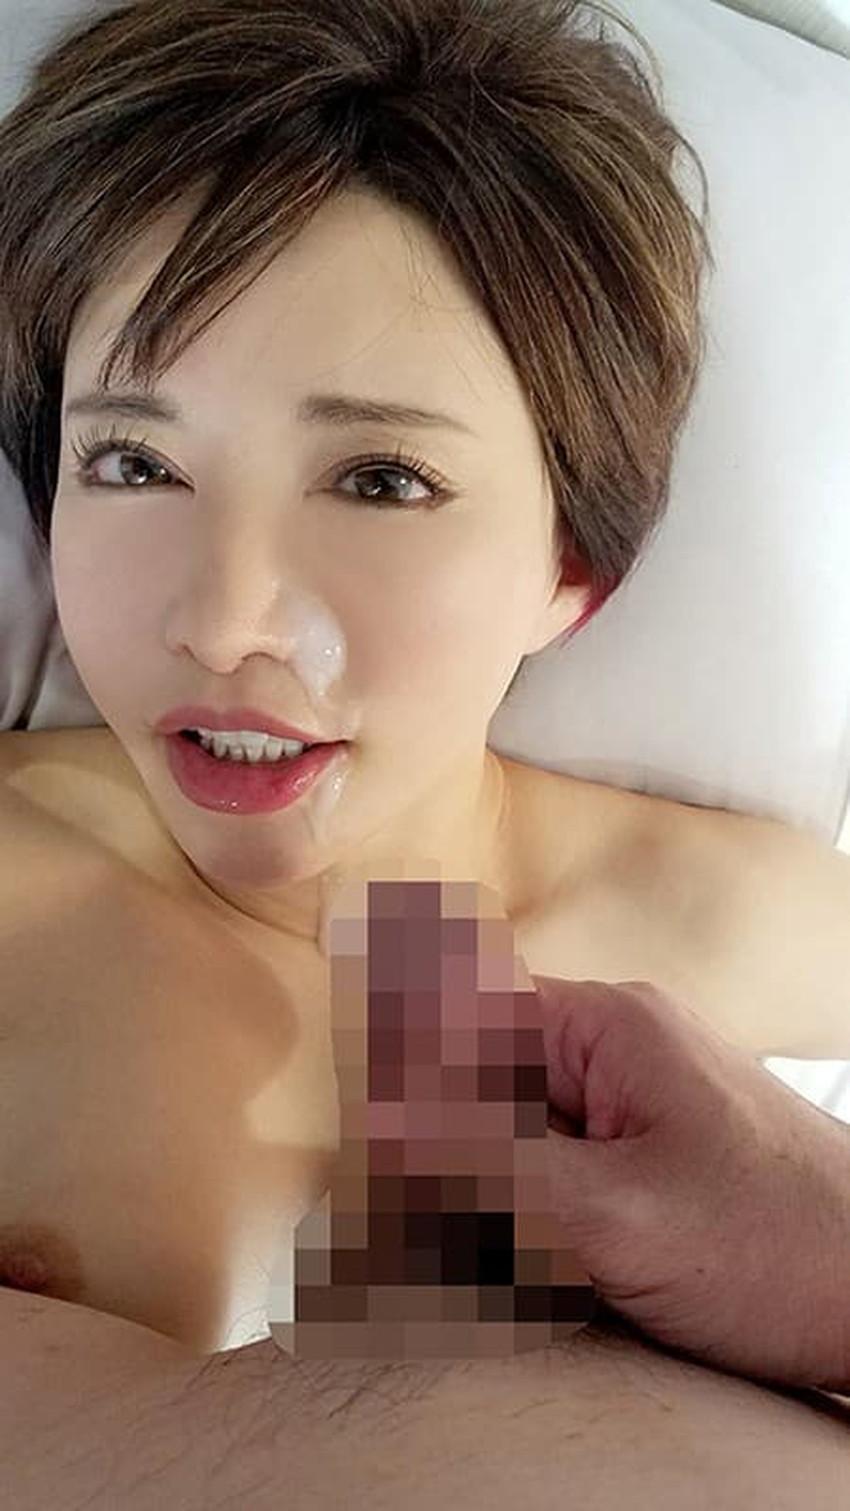 【顔射フィニッシュエロ画像】美女とのセックスは顔面にフィニッシュ!!Hのクライマックスで濃厚ザーメンをぶっかけした顔射フィニッシュのエロ画像集!ww【80枚】 23